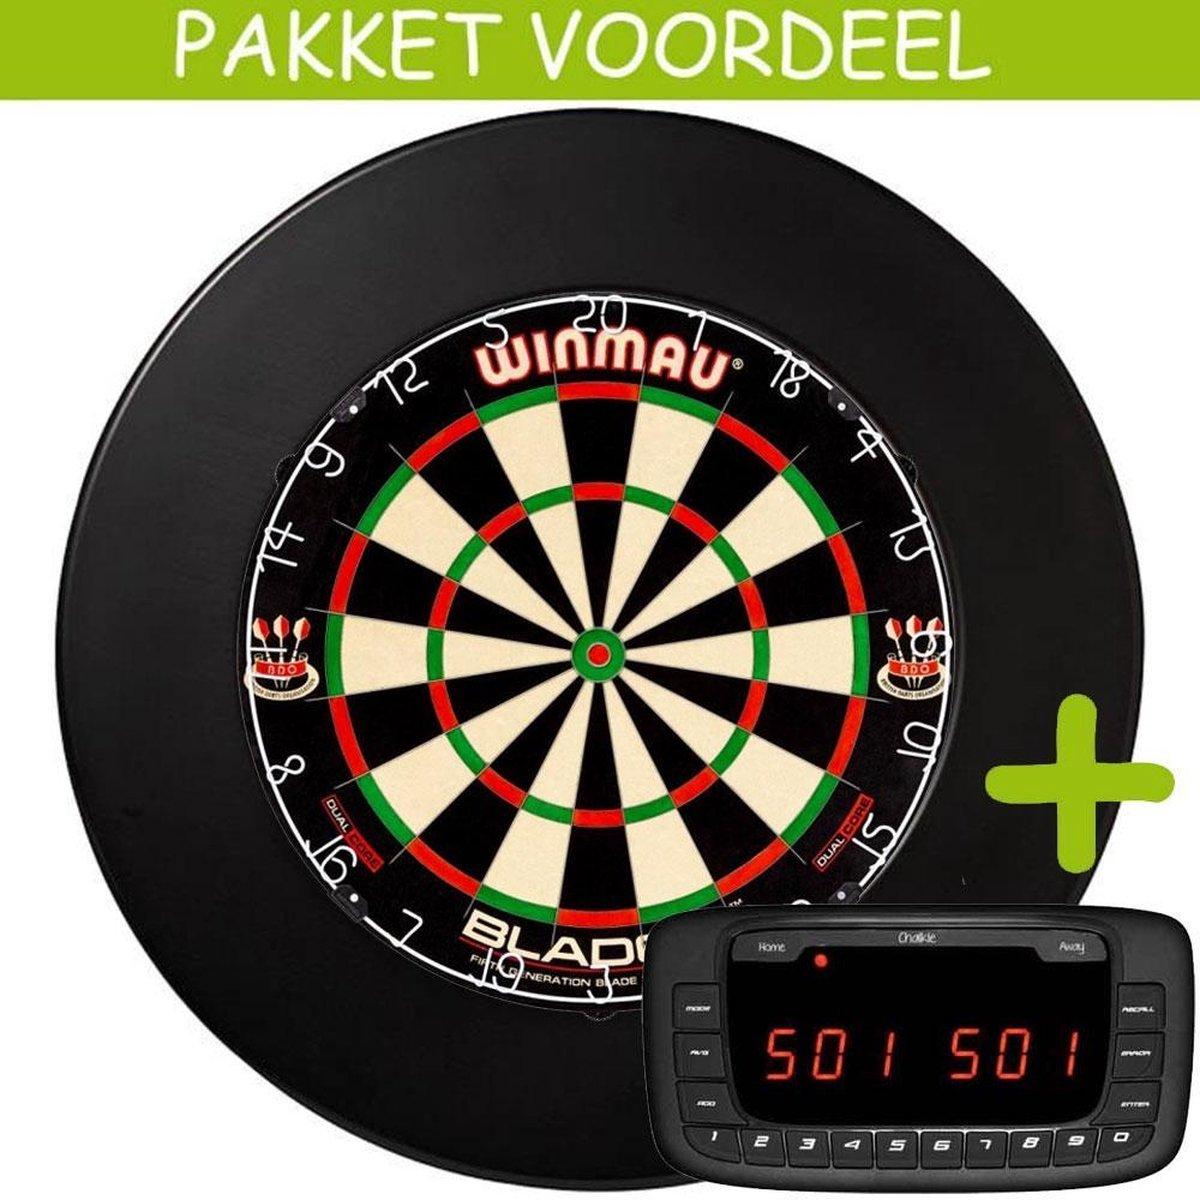 Elektronisch Dart Scorebord VoordeelPakket (Chalkie ) - Dual Core - Rubberen Surround (Zwart)